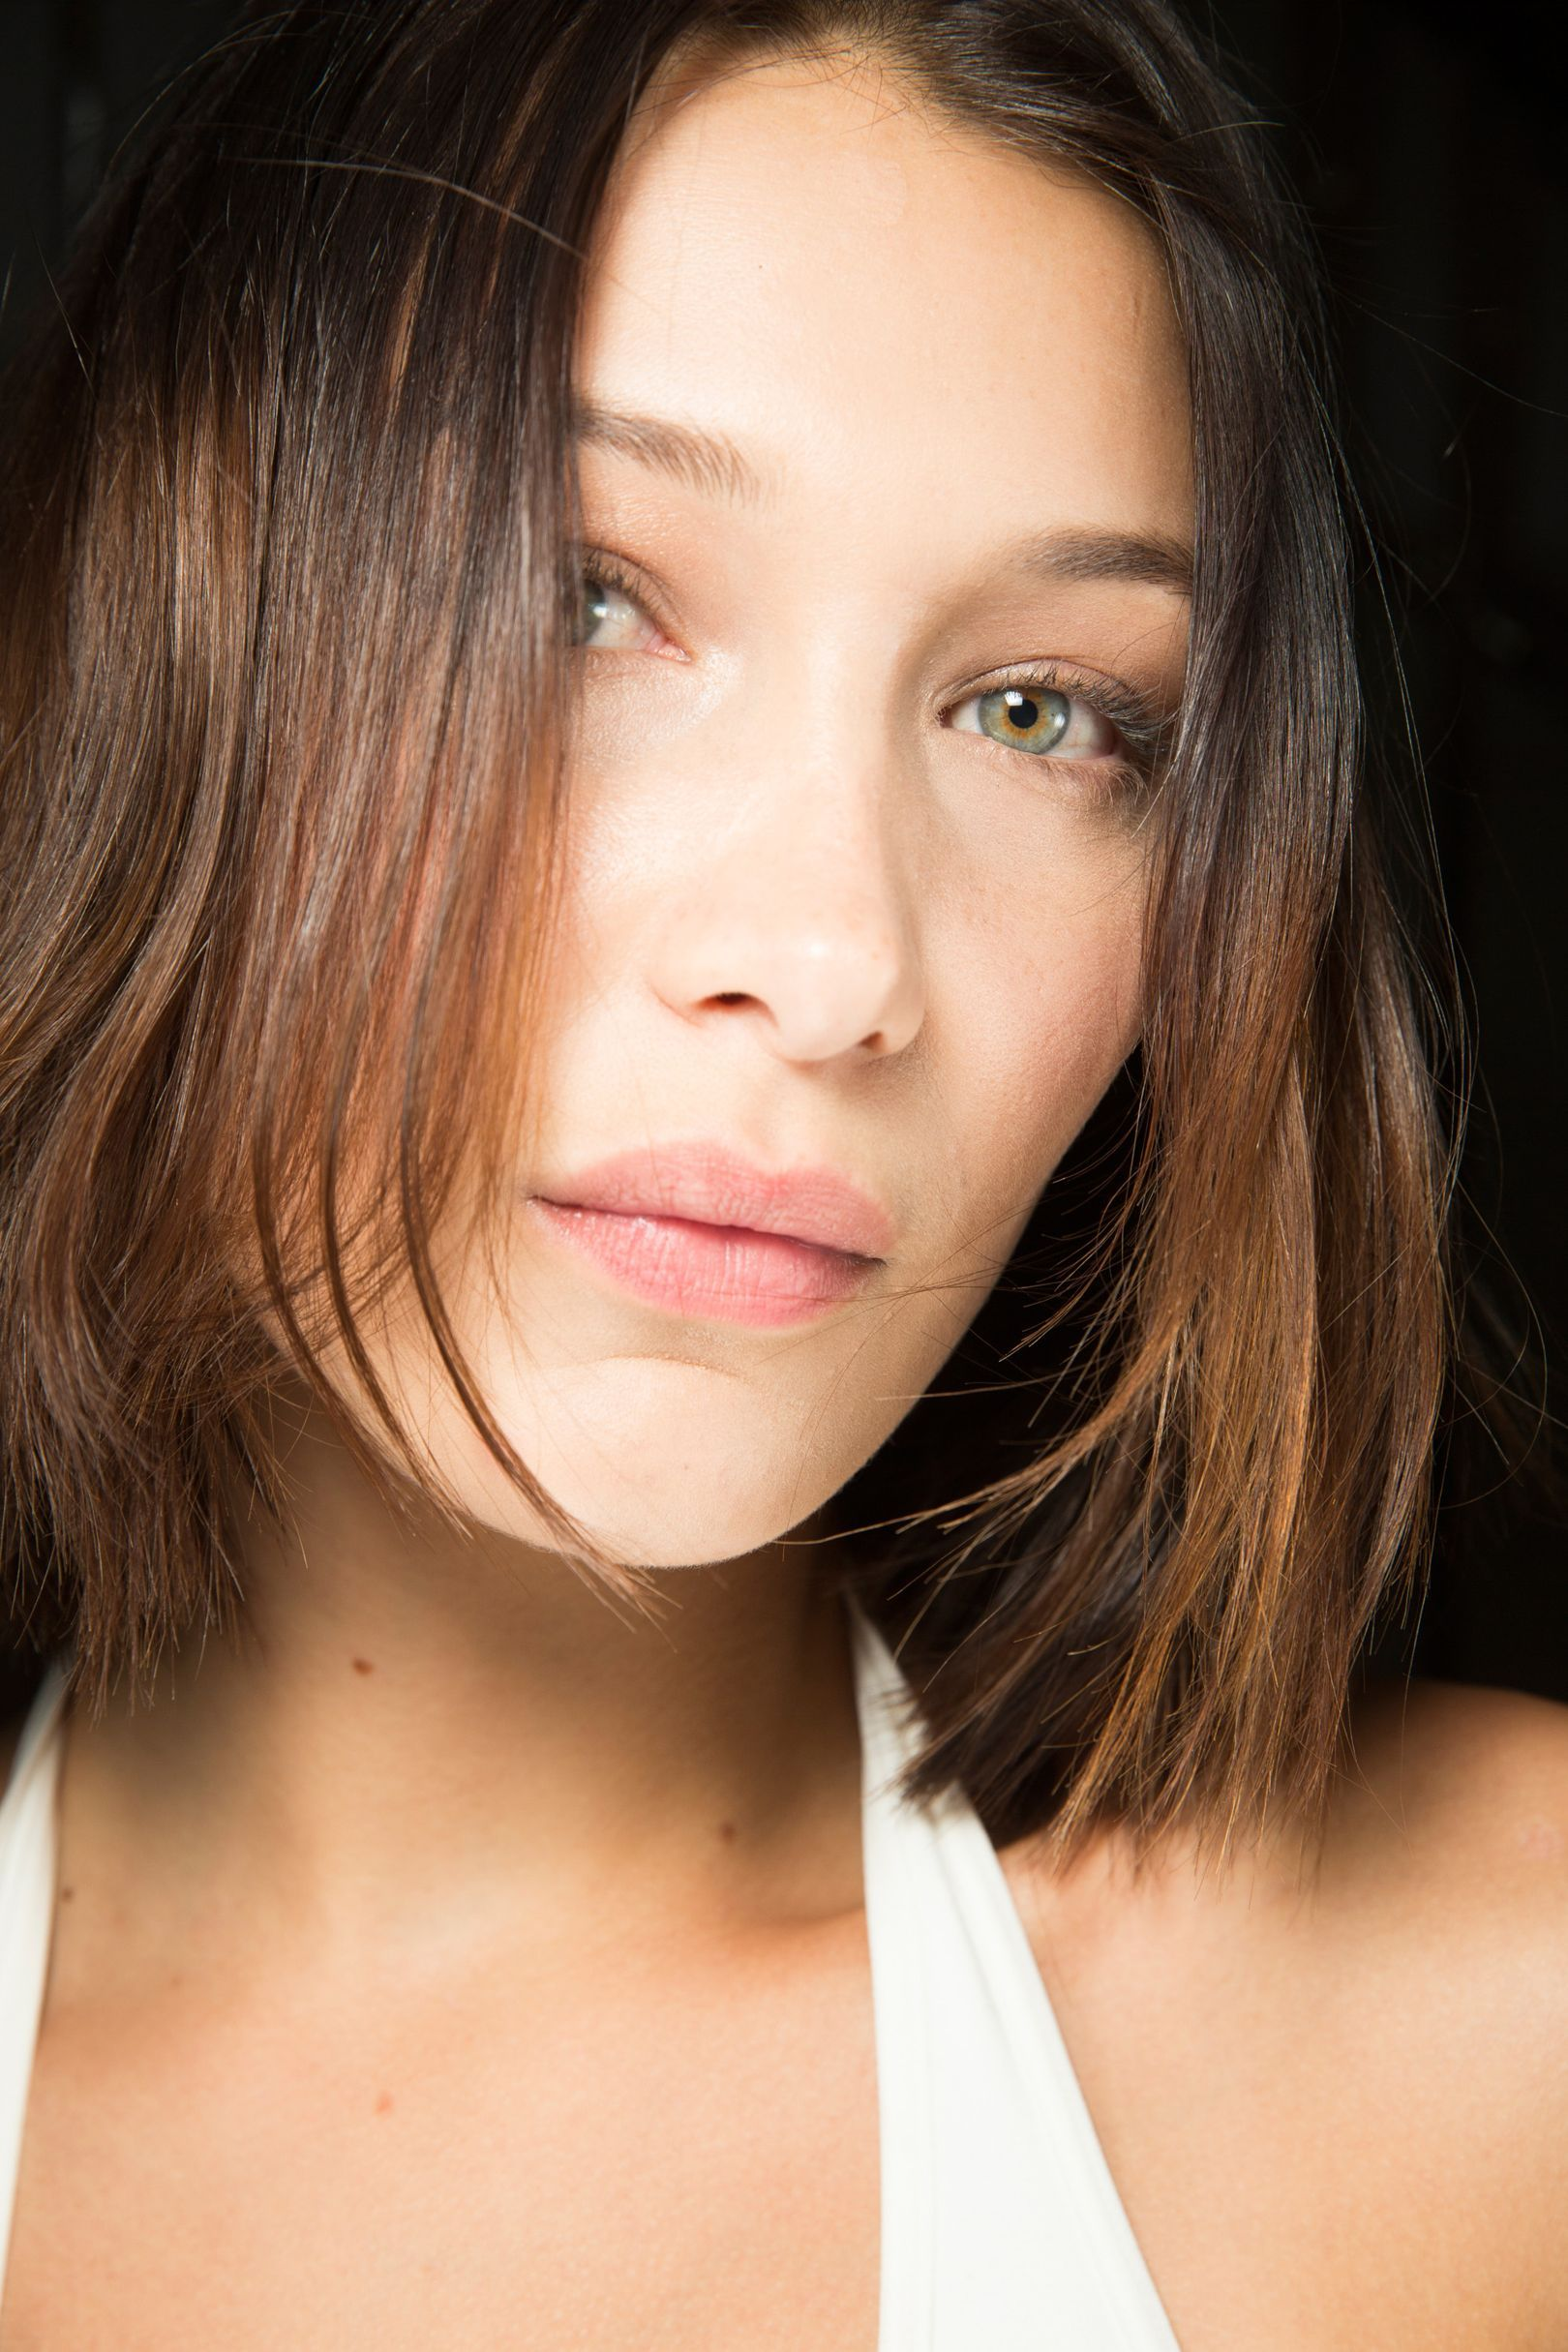 Окрашивание волос 2018 калифорнийское